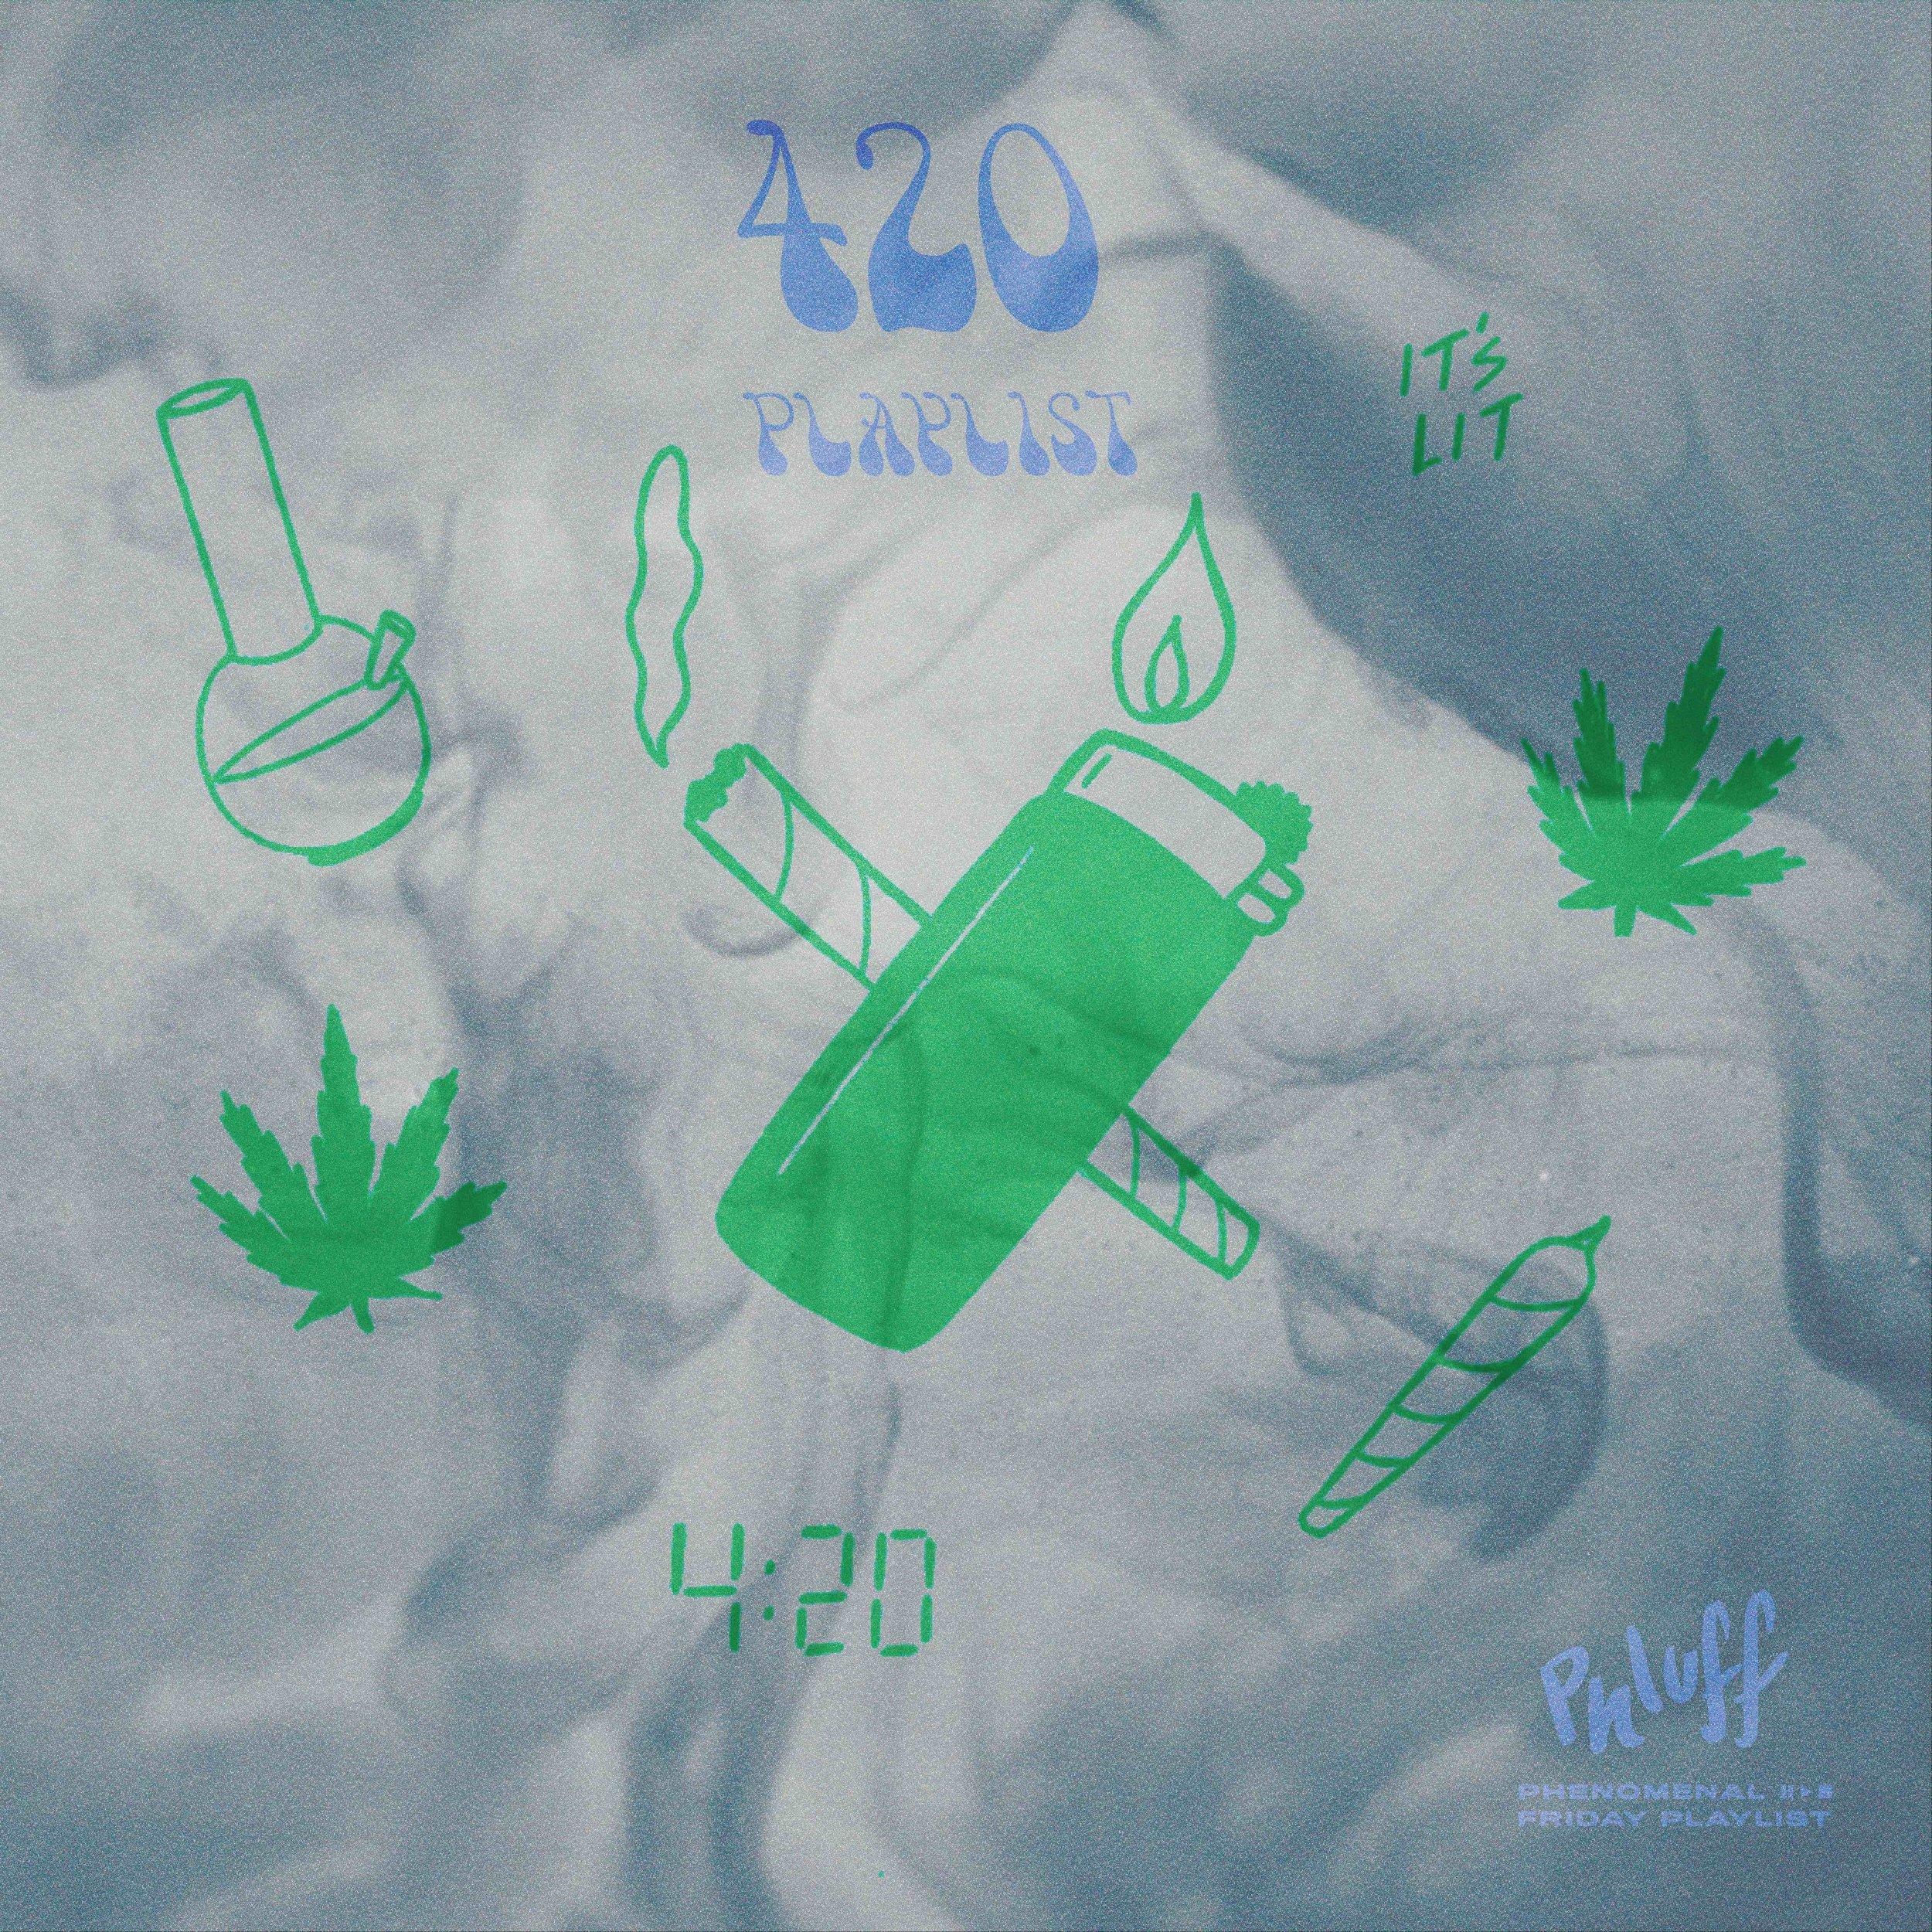 420playlist-01.jpg